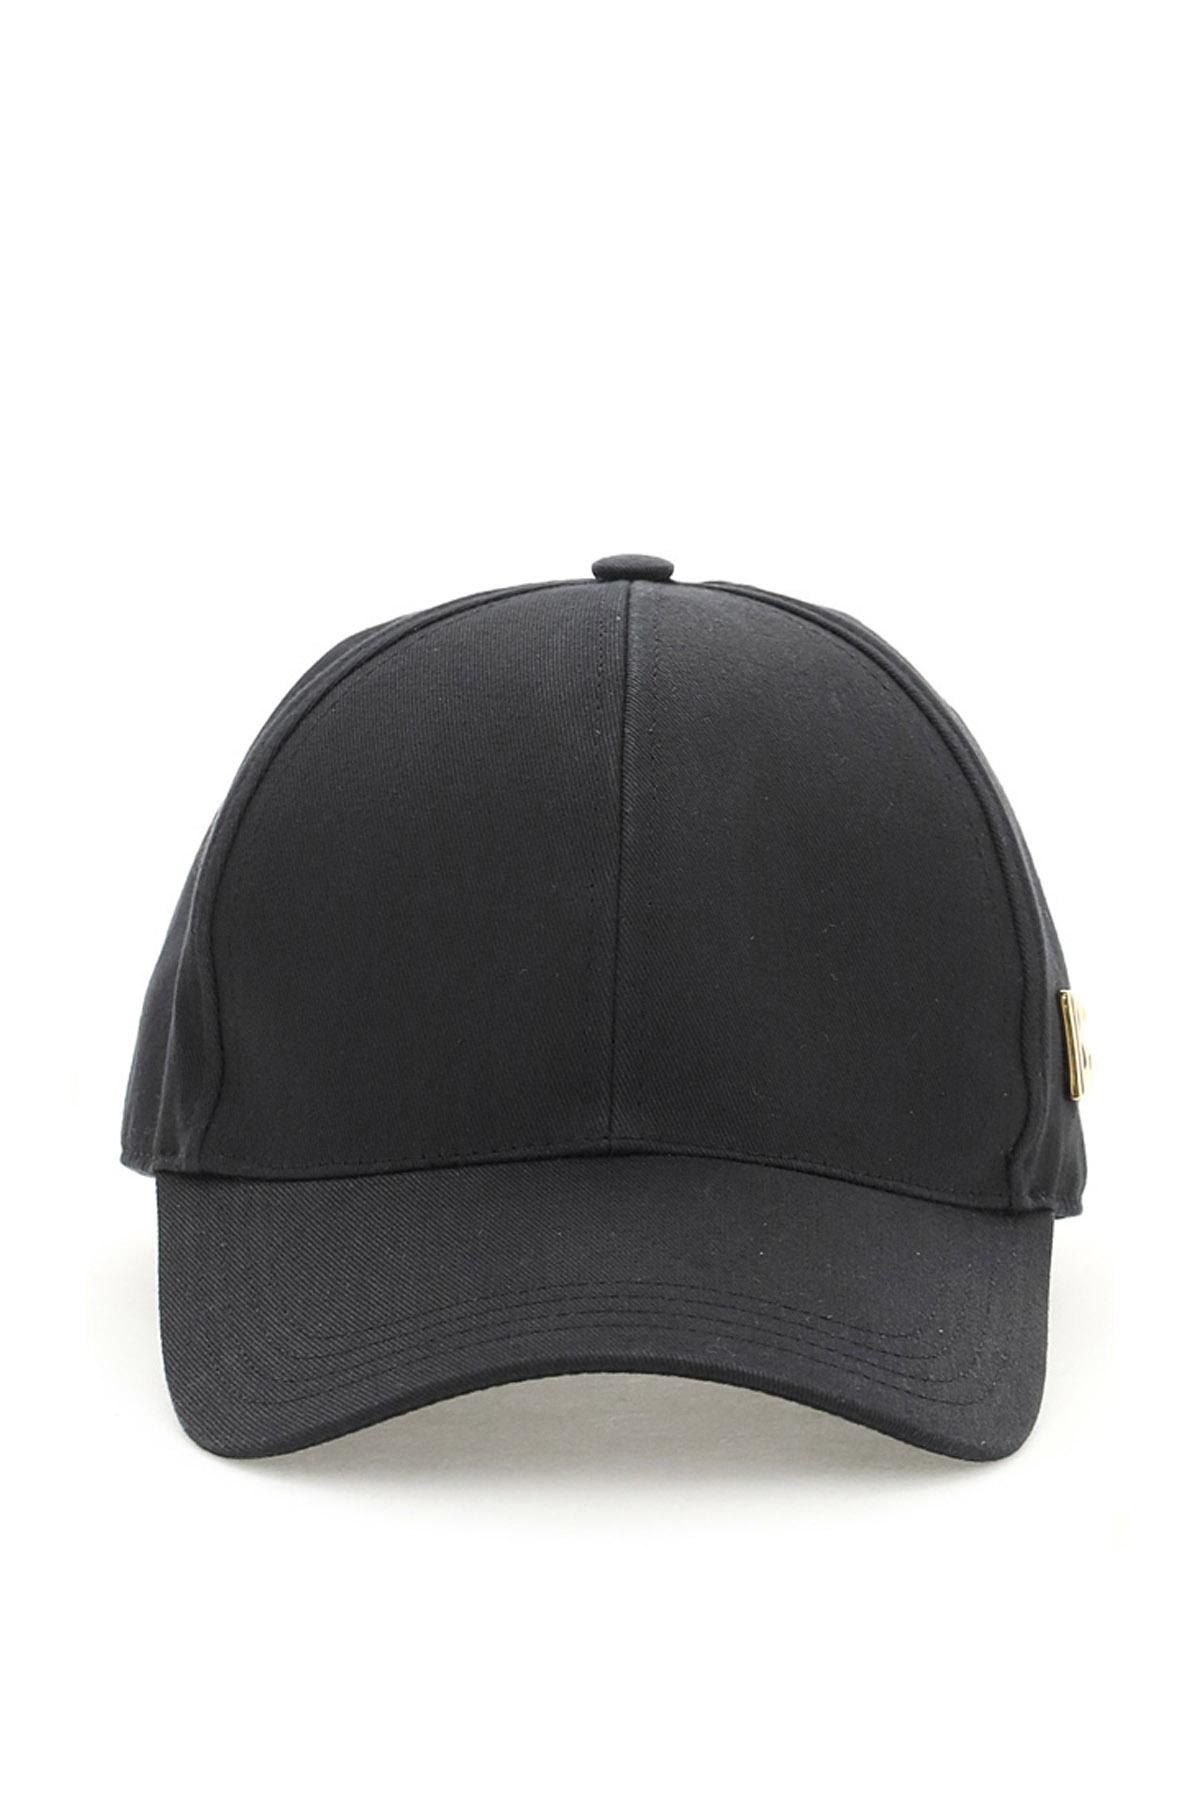 Dolce & gabbana cappello da baseball con logo